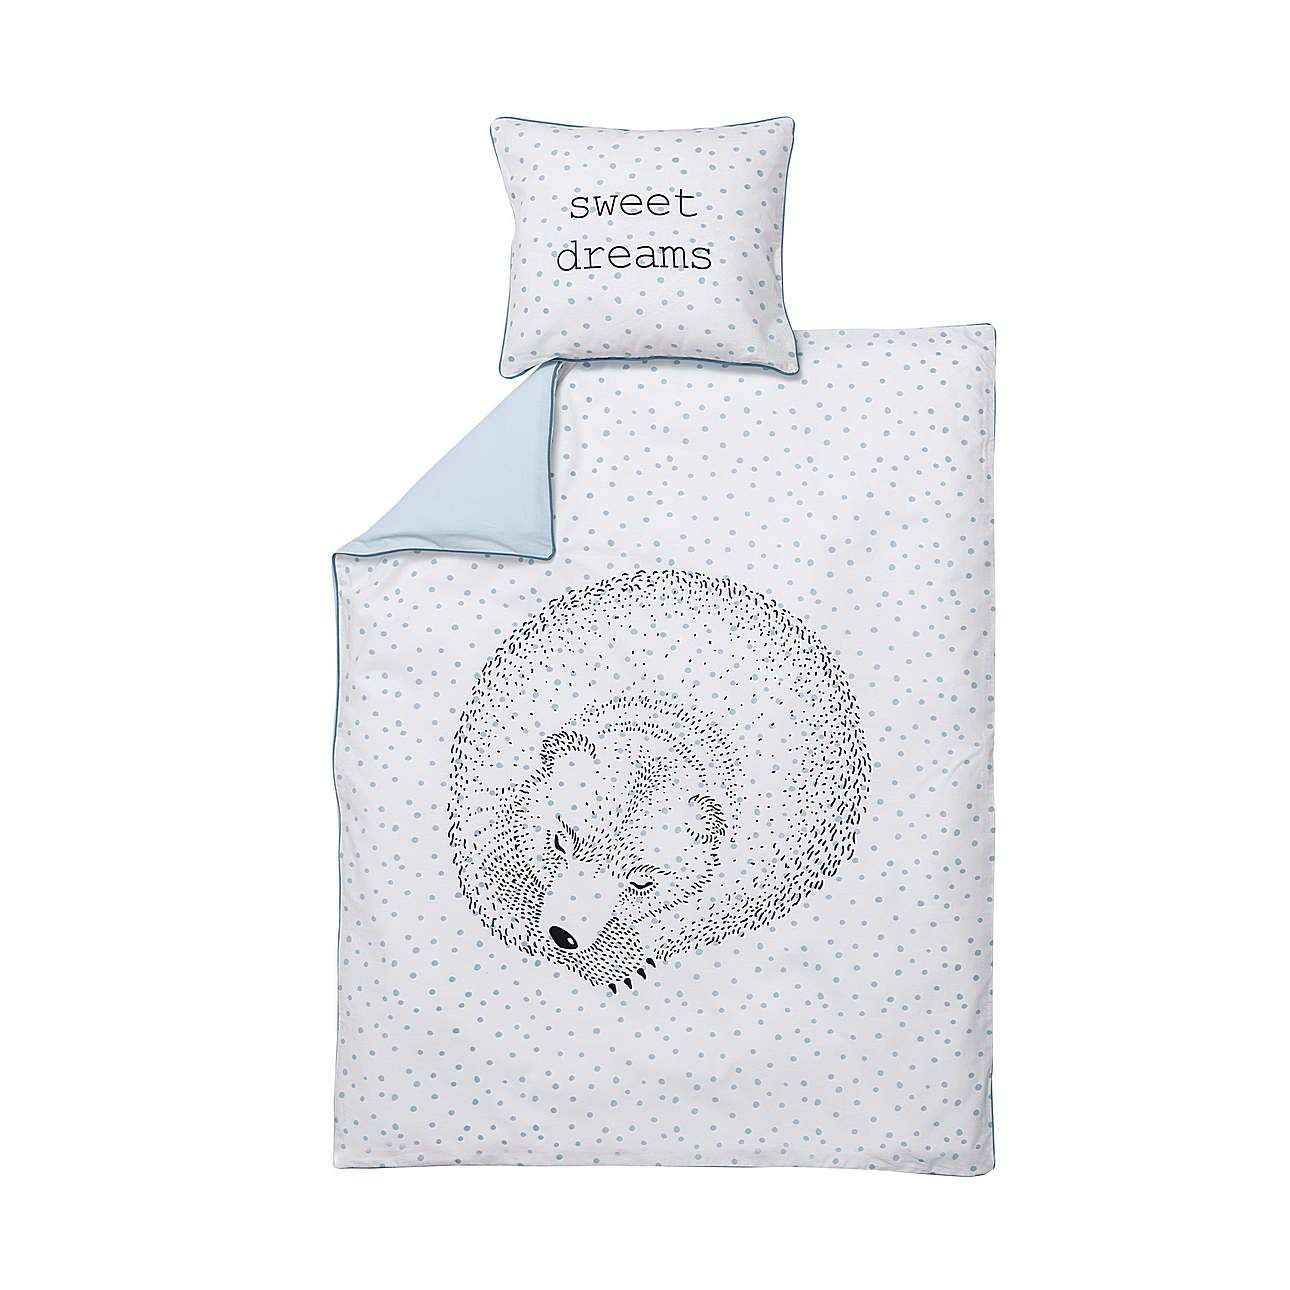 Sleeping Bear bedding 100x140cm